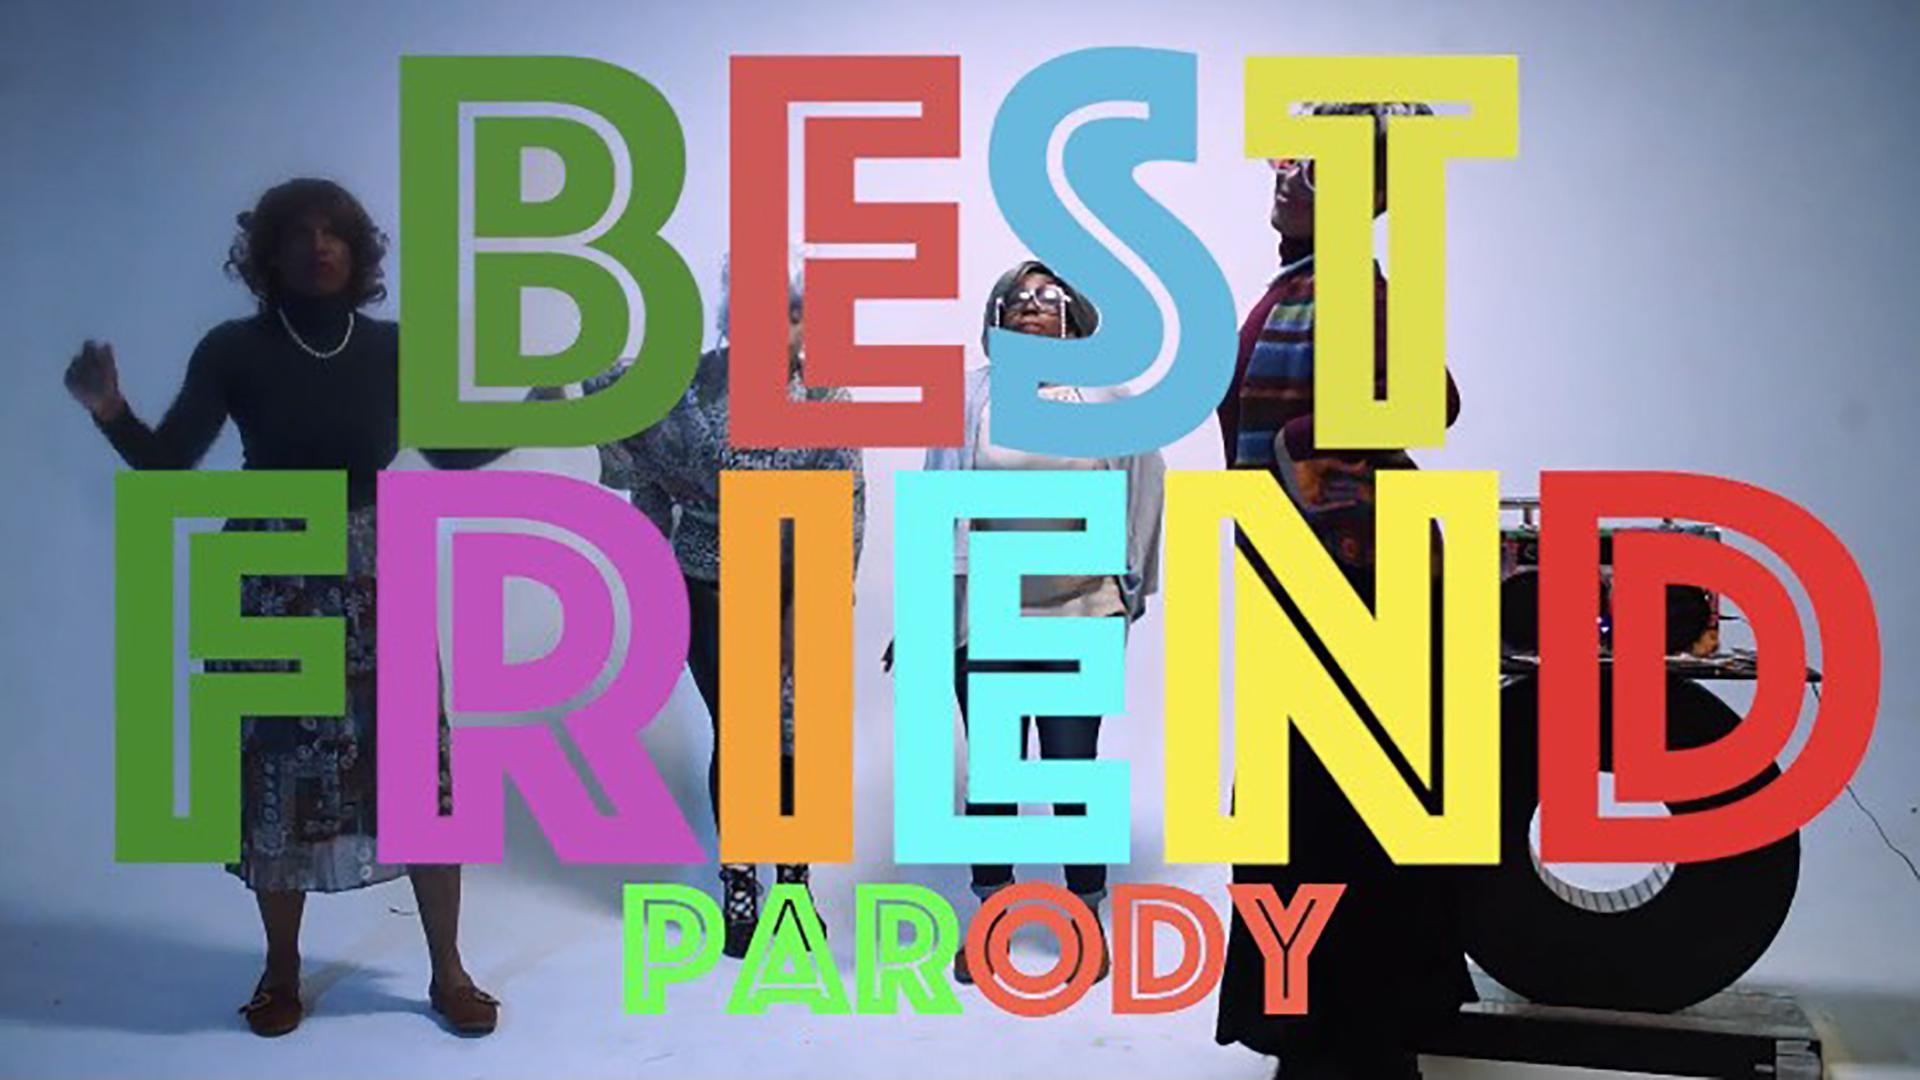 Best Friend Parody